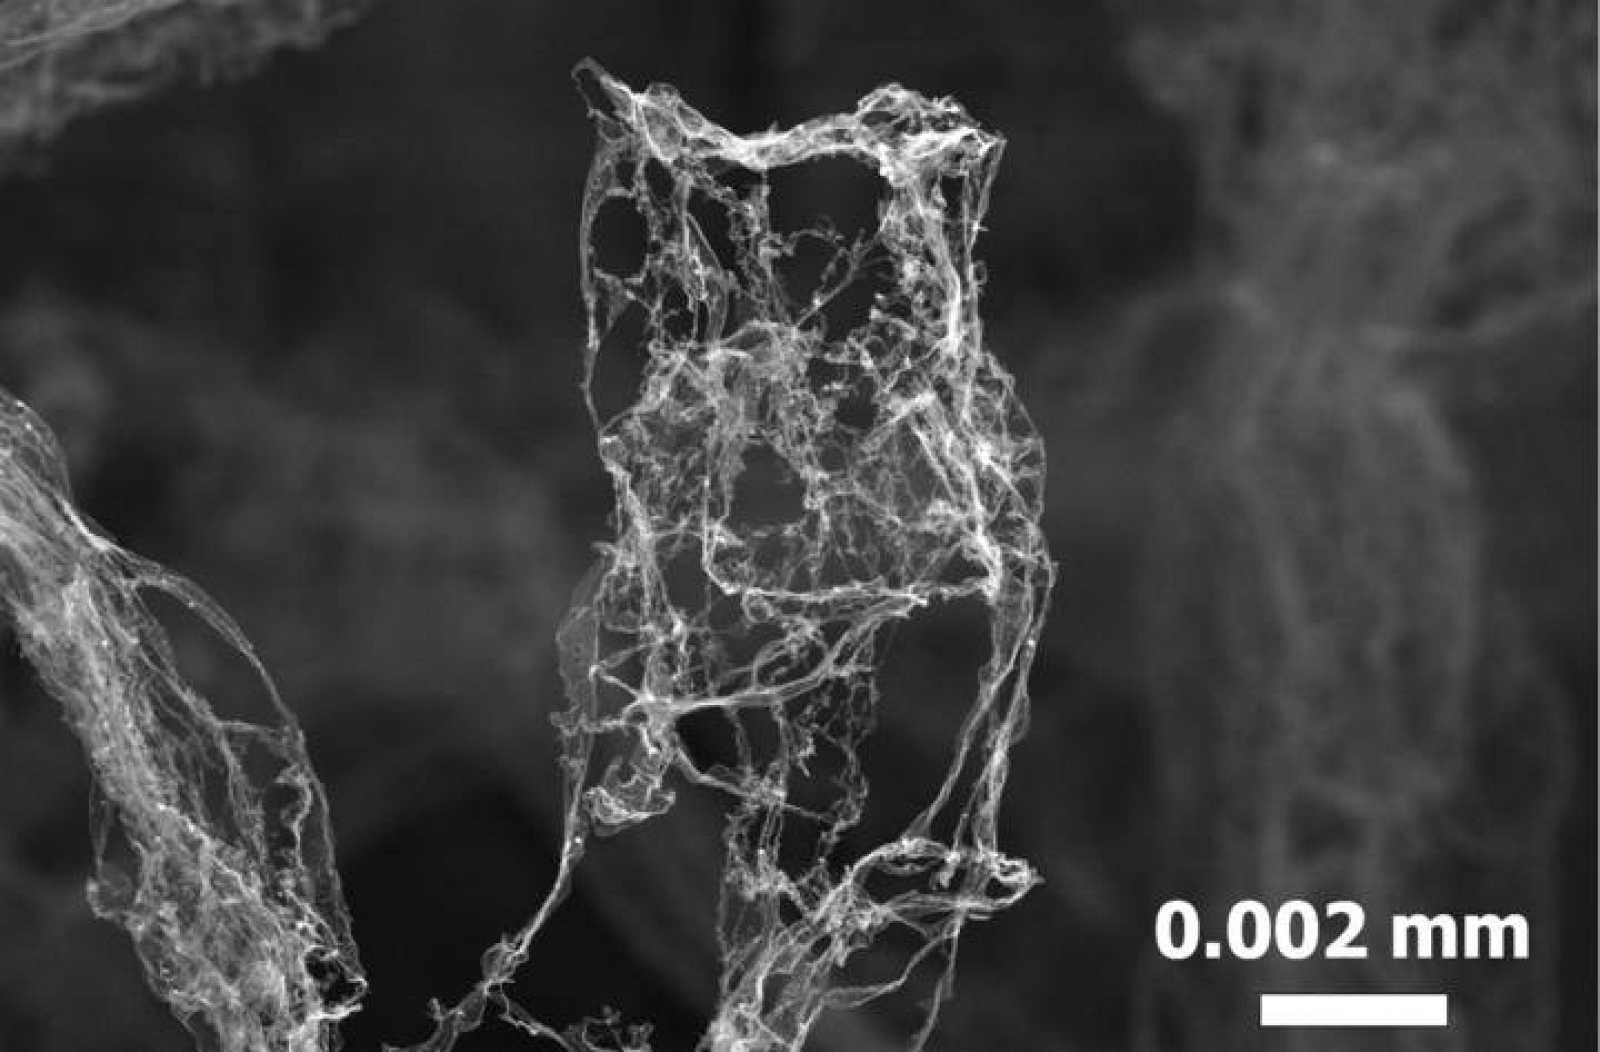 El nuevo material está compuesto por una estructura tridimensional de tubos de carbono